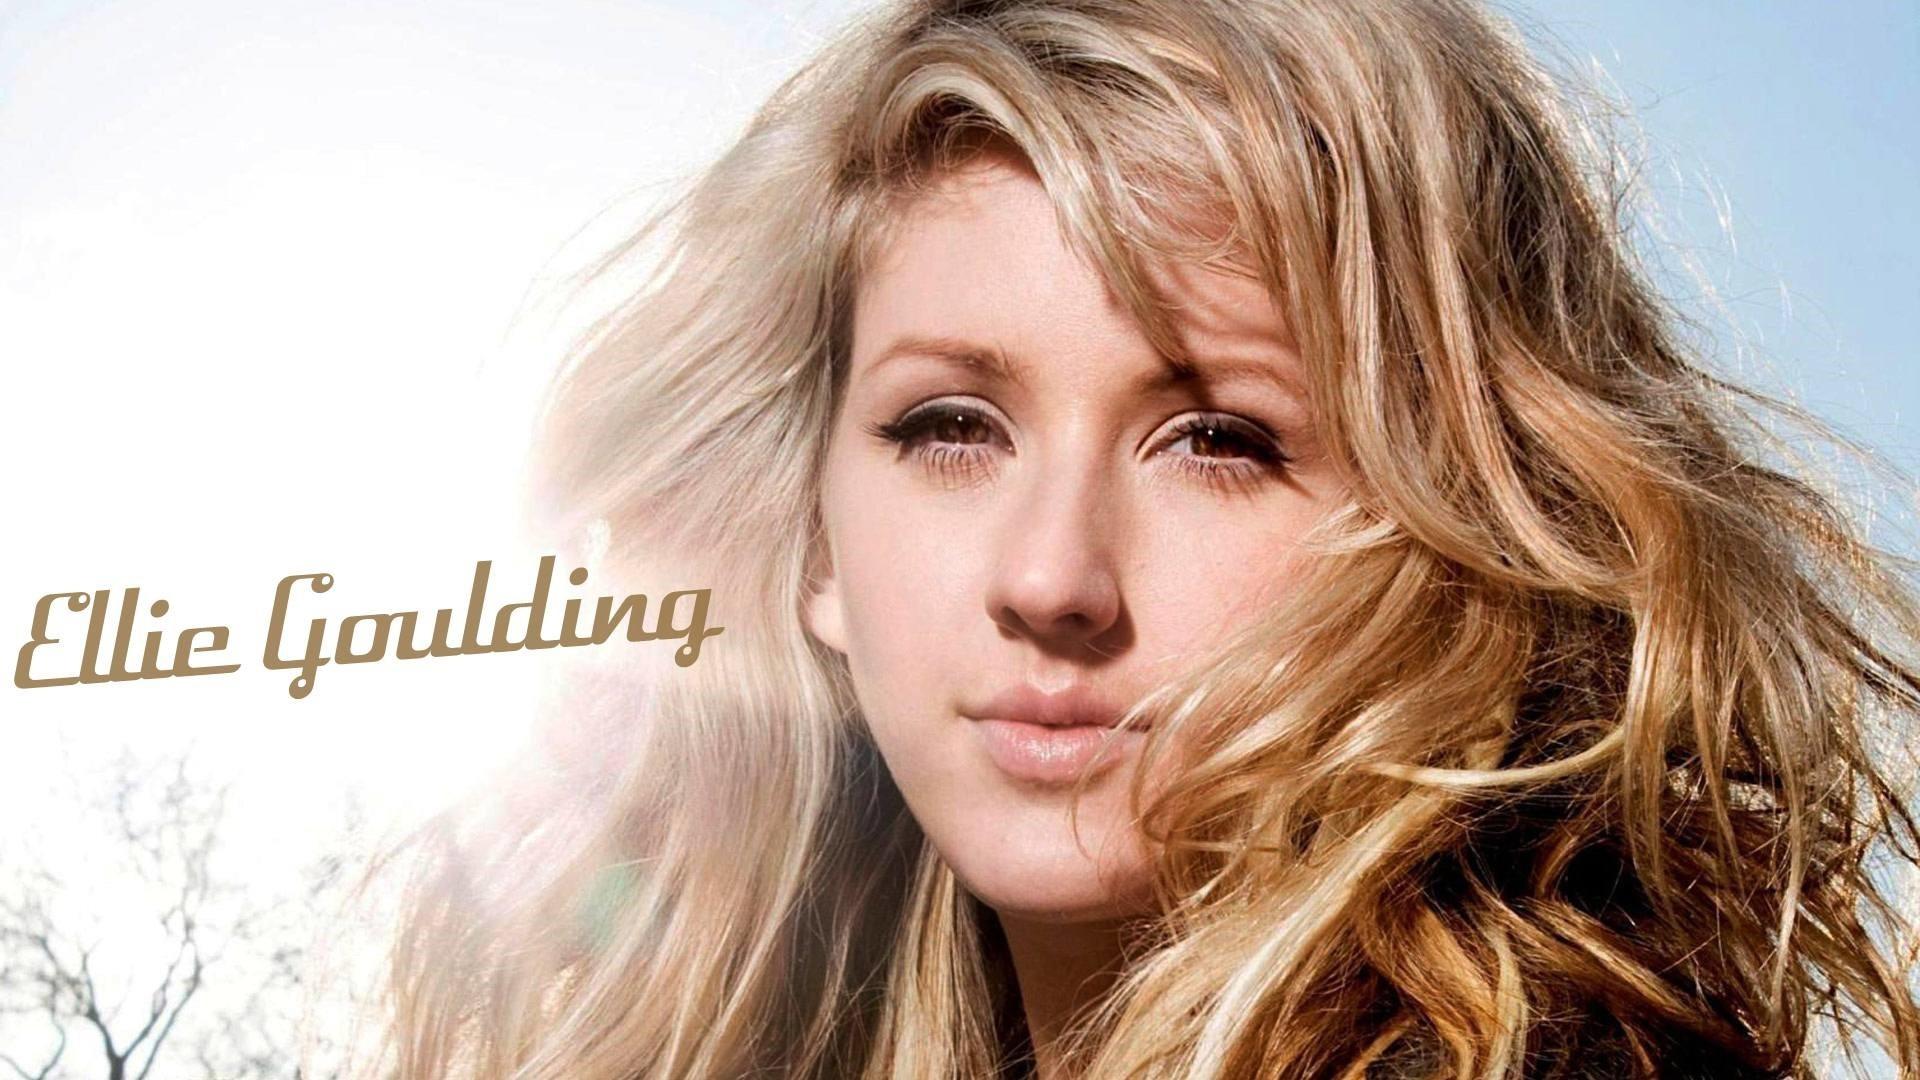 Ellie Goulding Wallpaper For Laptop